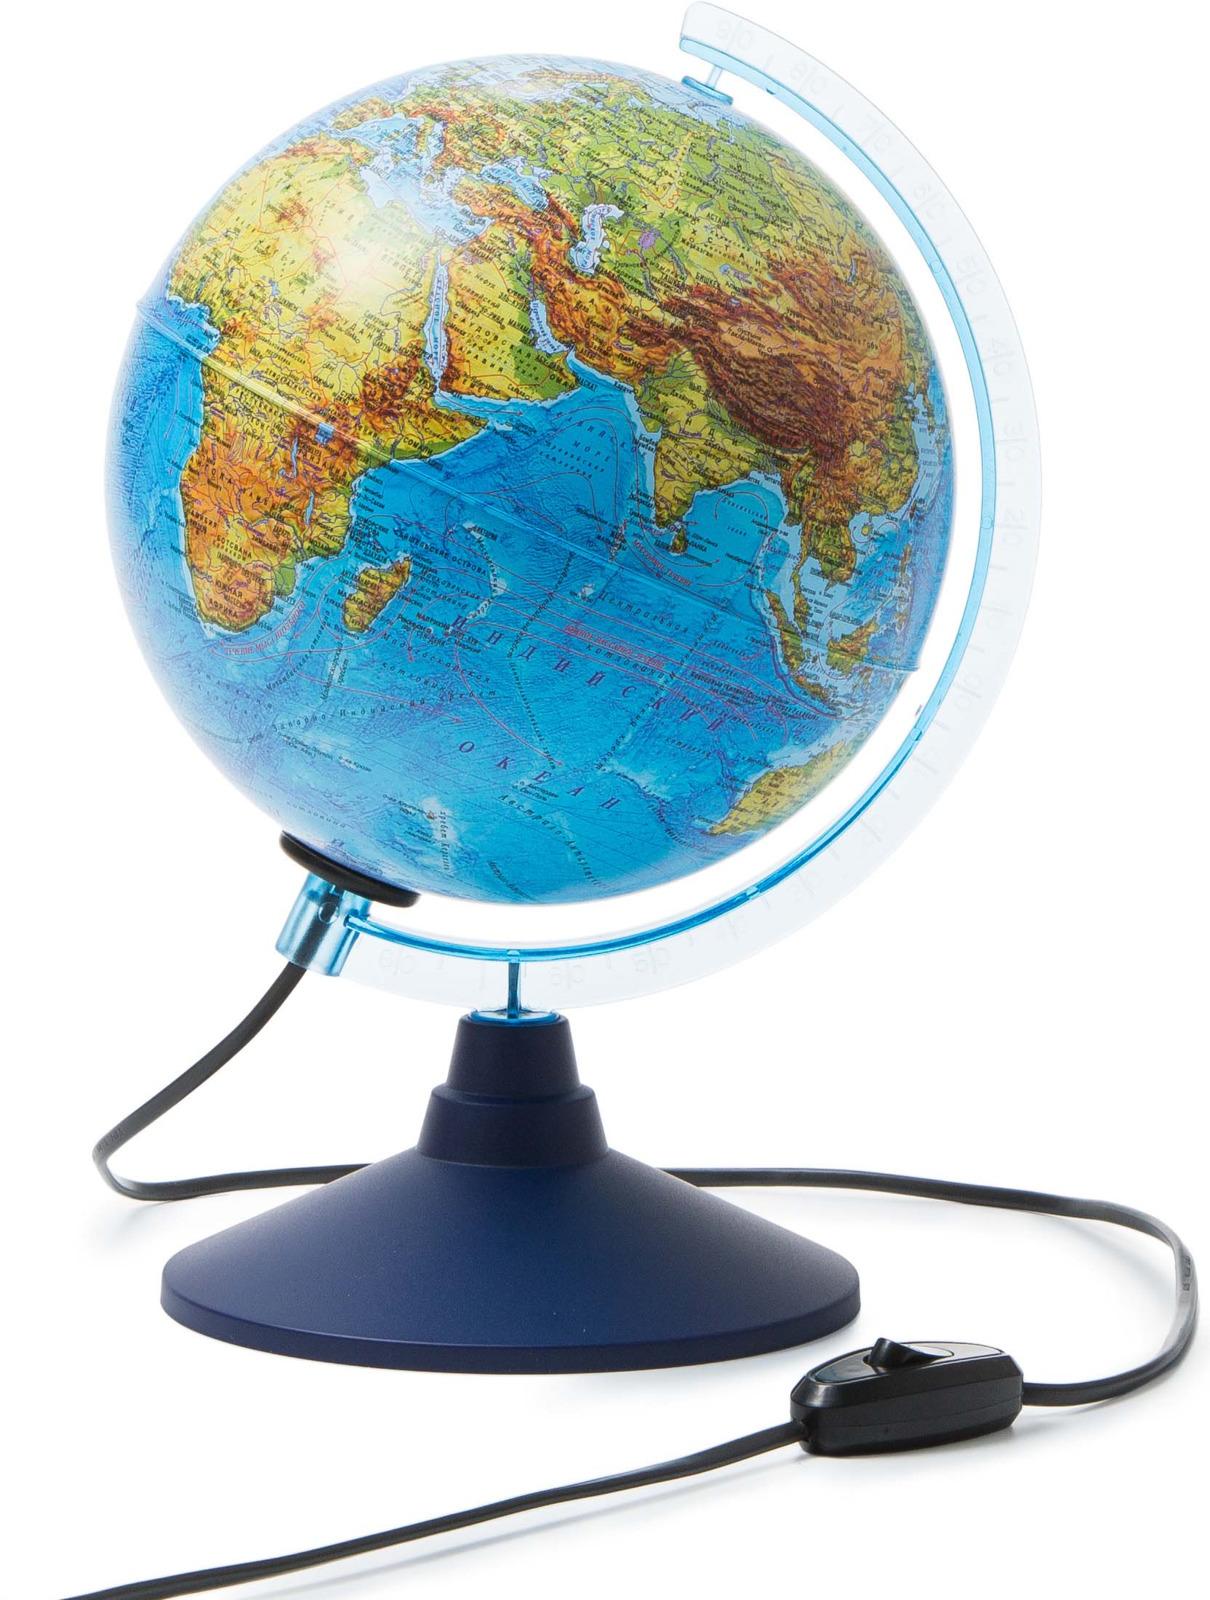 Globen Глобус Земли физико-политический с подсветкой диаметр 210 мм Ке012100181 globen глобус земли globen физико политический с подсветкой 320мм